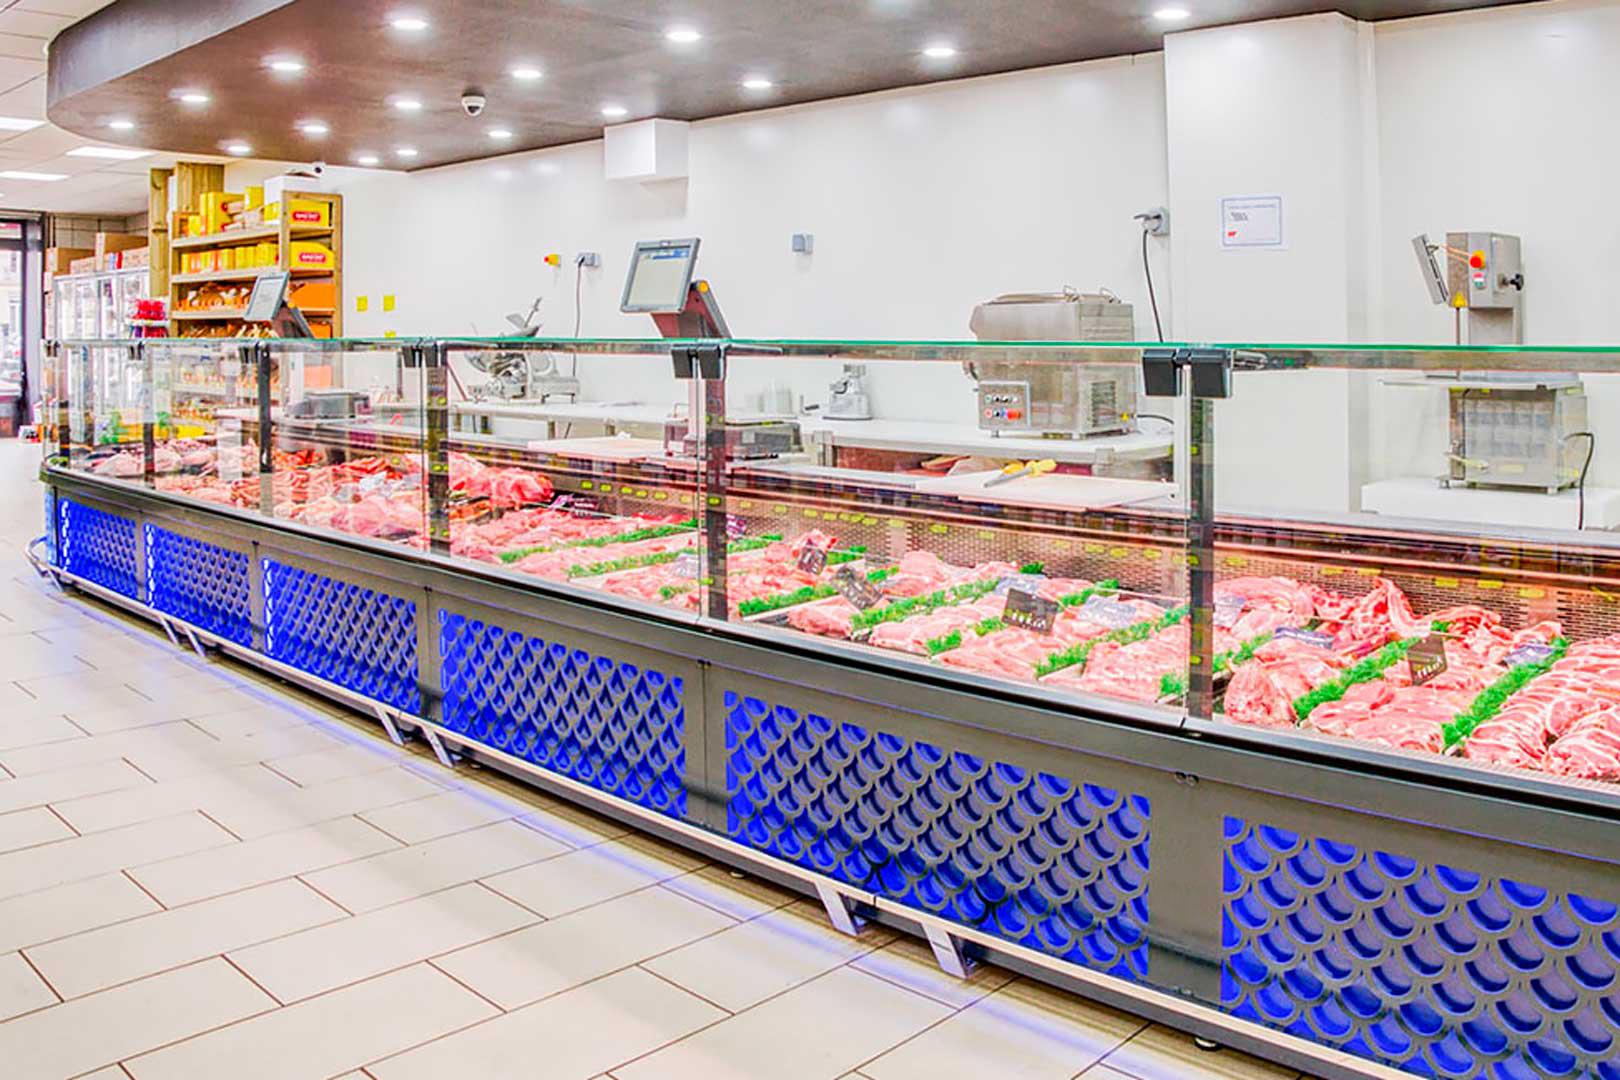 Холодильні вітрини Missouri MC 120 M, магазин PYRAMIDE у Франції